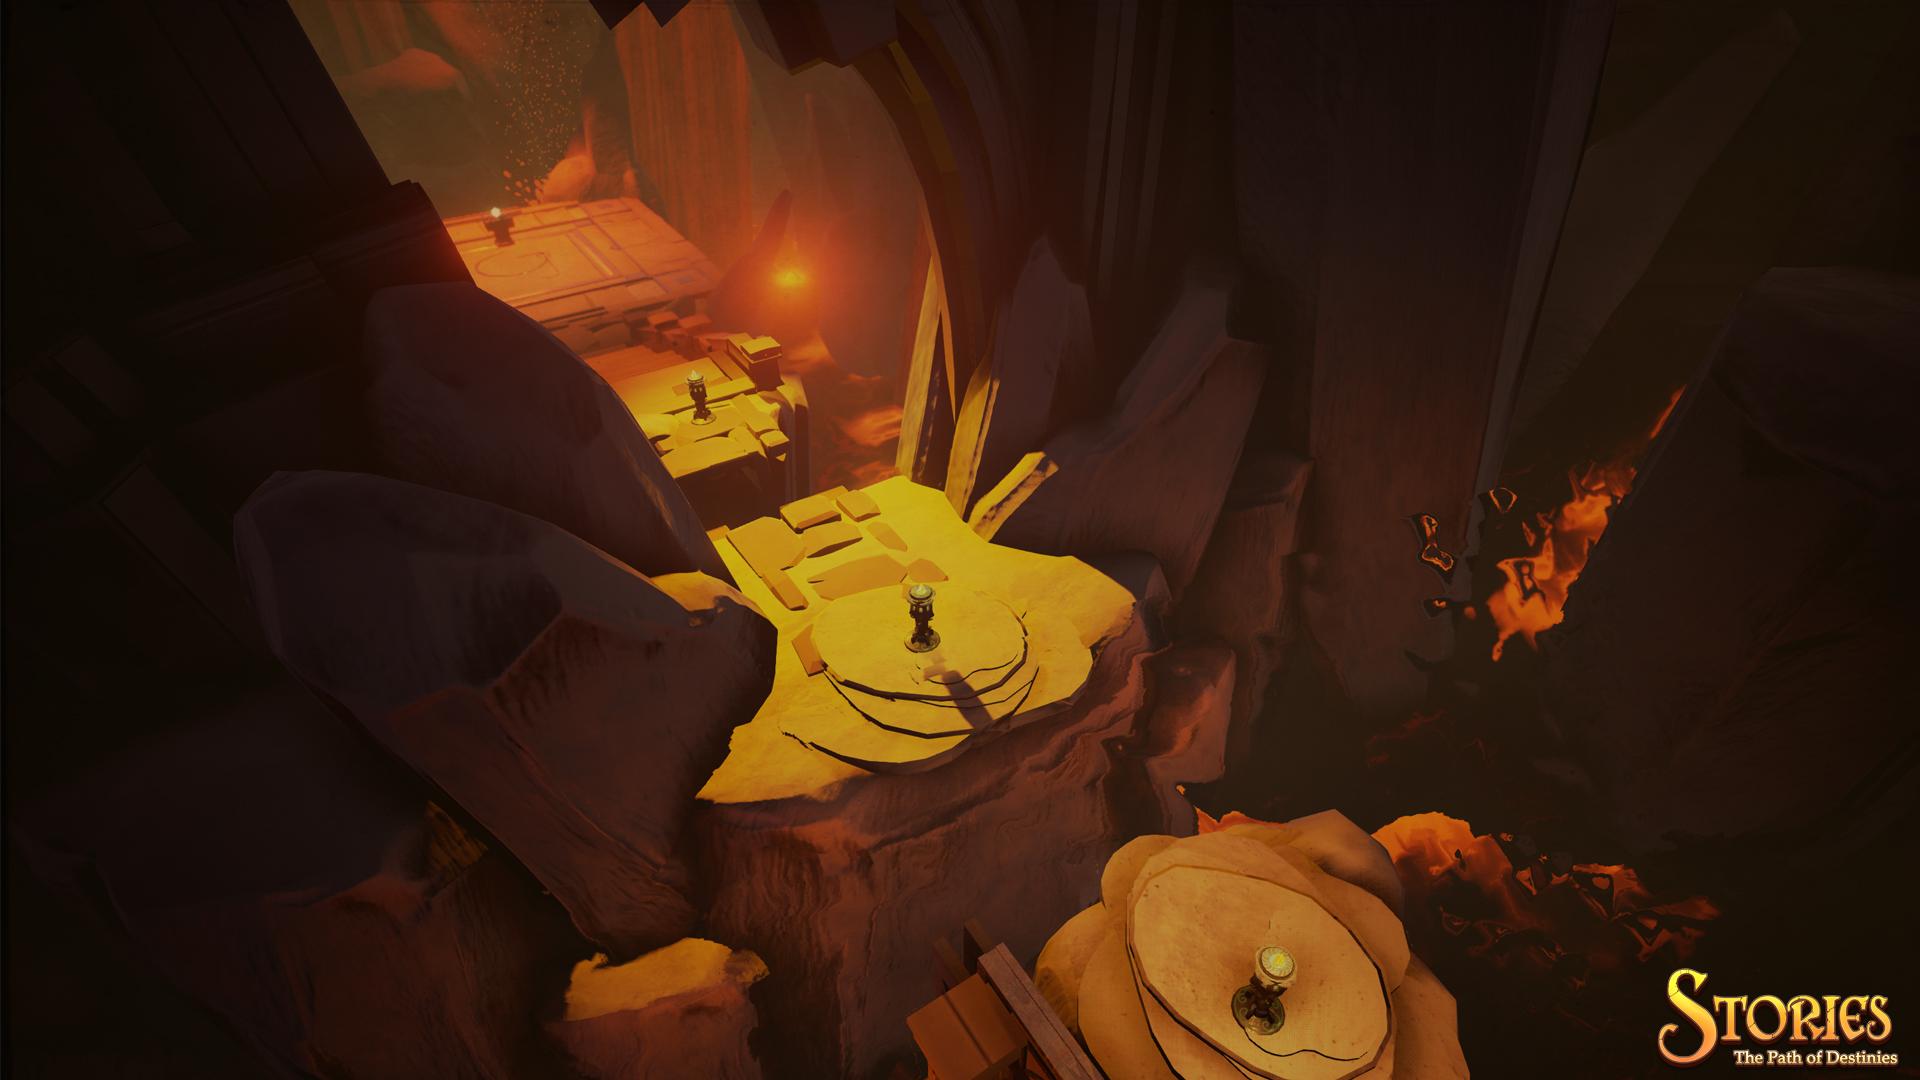 《传说:命运之路》将登陆Xbox 全面适配4K分辨率